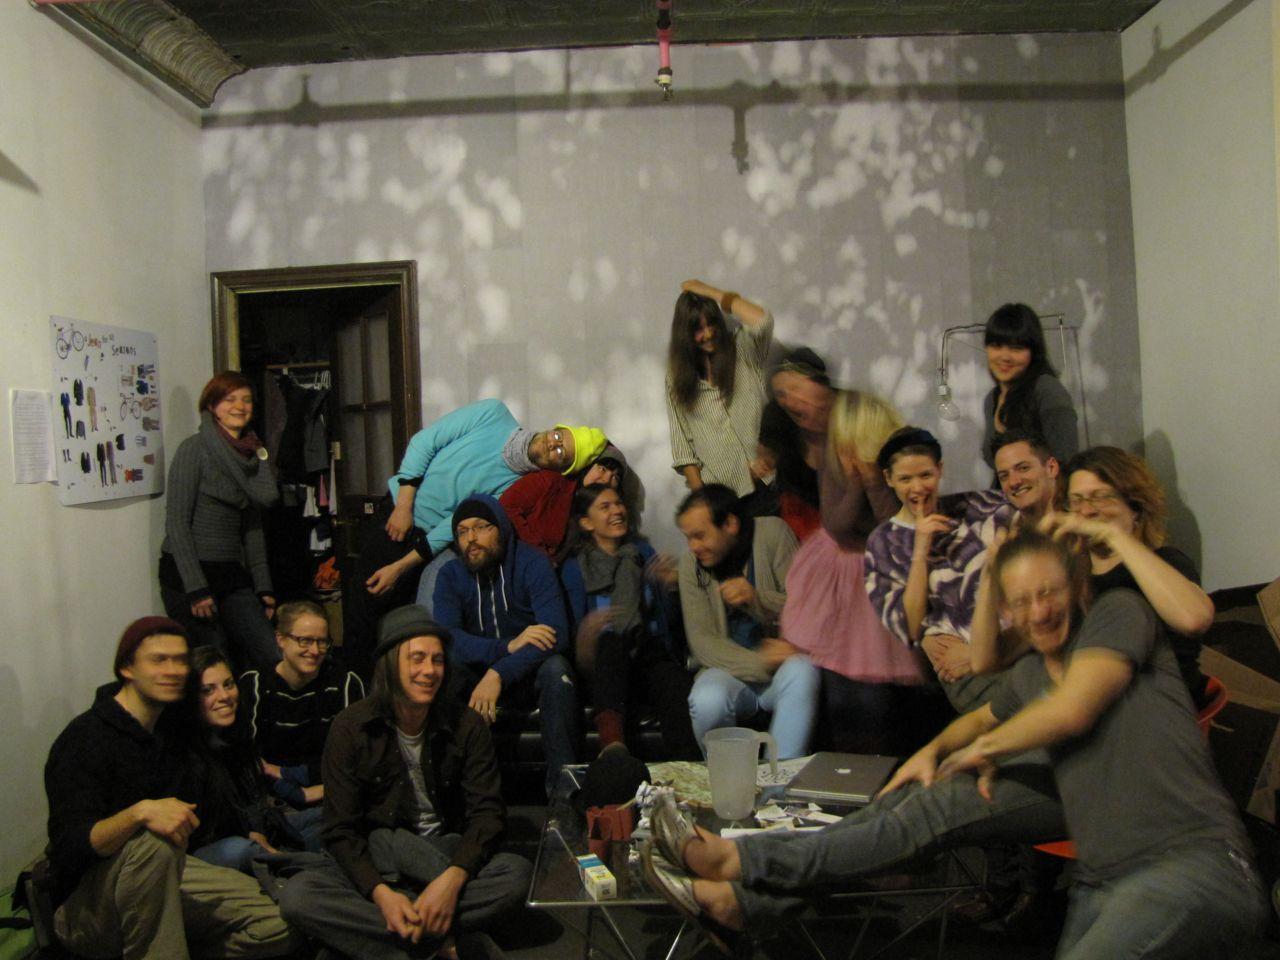 Flux Factory. 01.10.2011